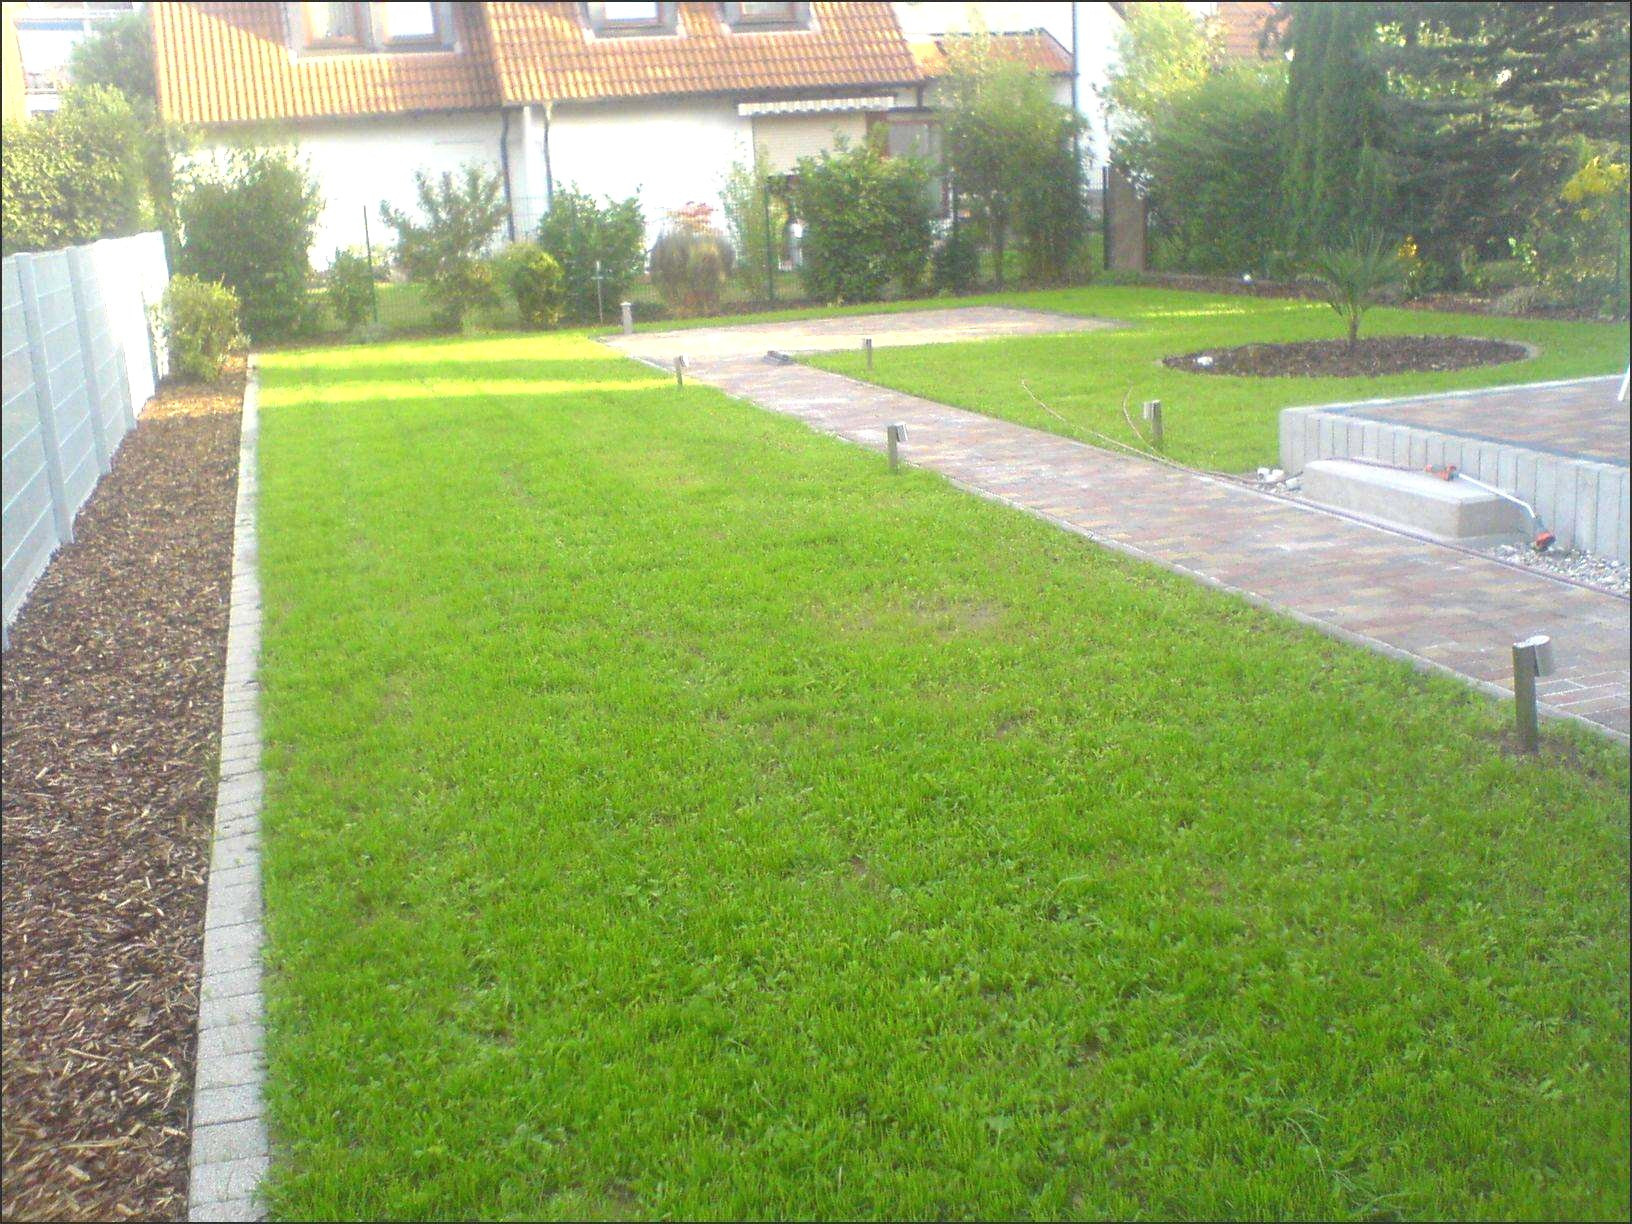 reihenhausgarten modern gestalten mit garten modern bepflanzen vorgarten modern gestalten 42 31 und garten modern bepflanzen vorgarten modern gestalten 42 beispiel of garten modern bepflanzen mit reih